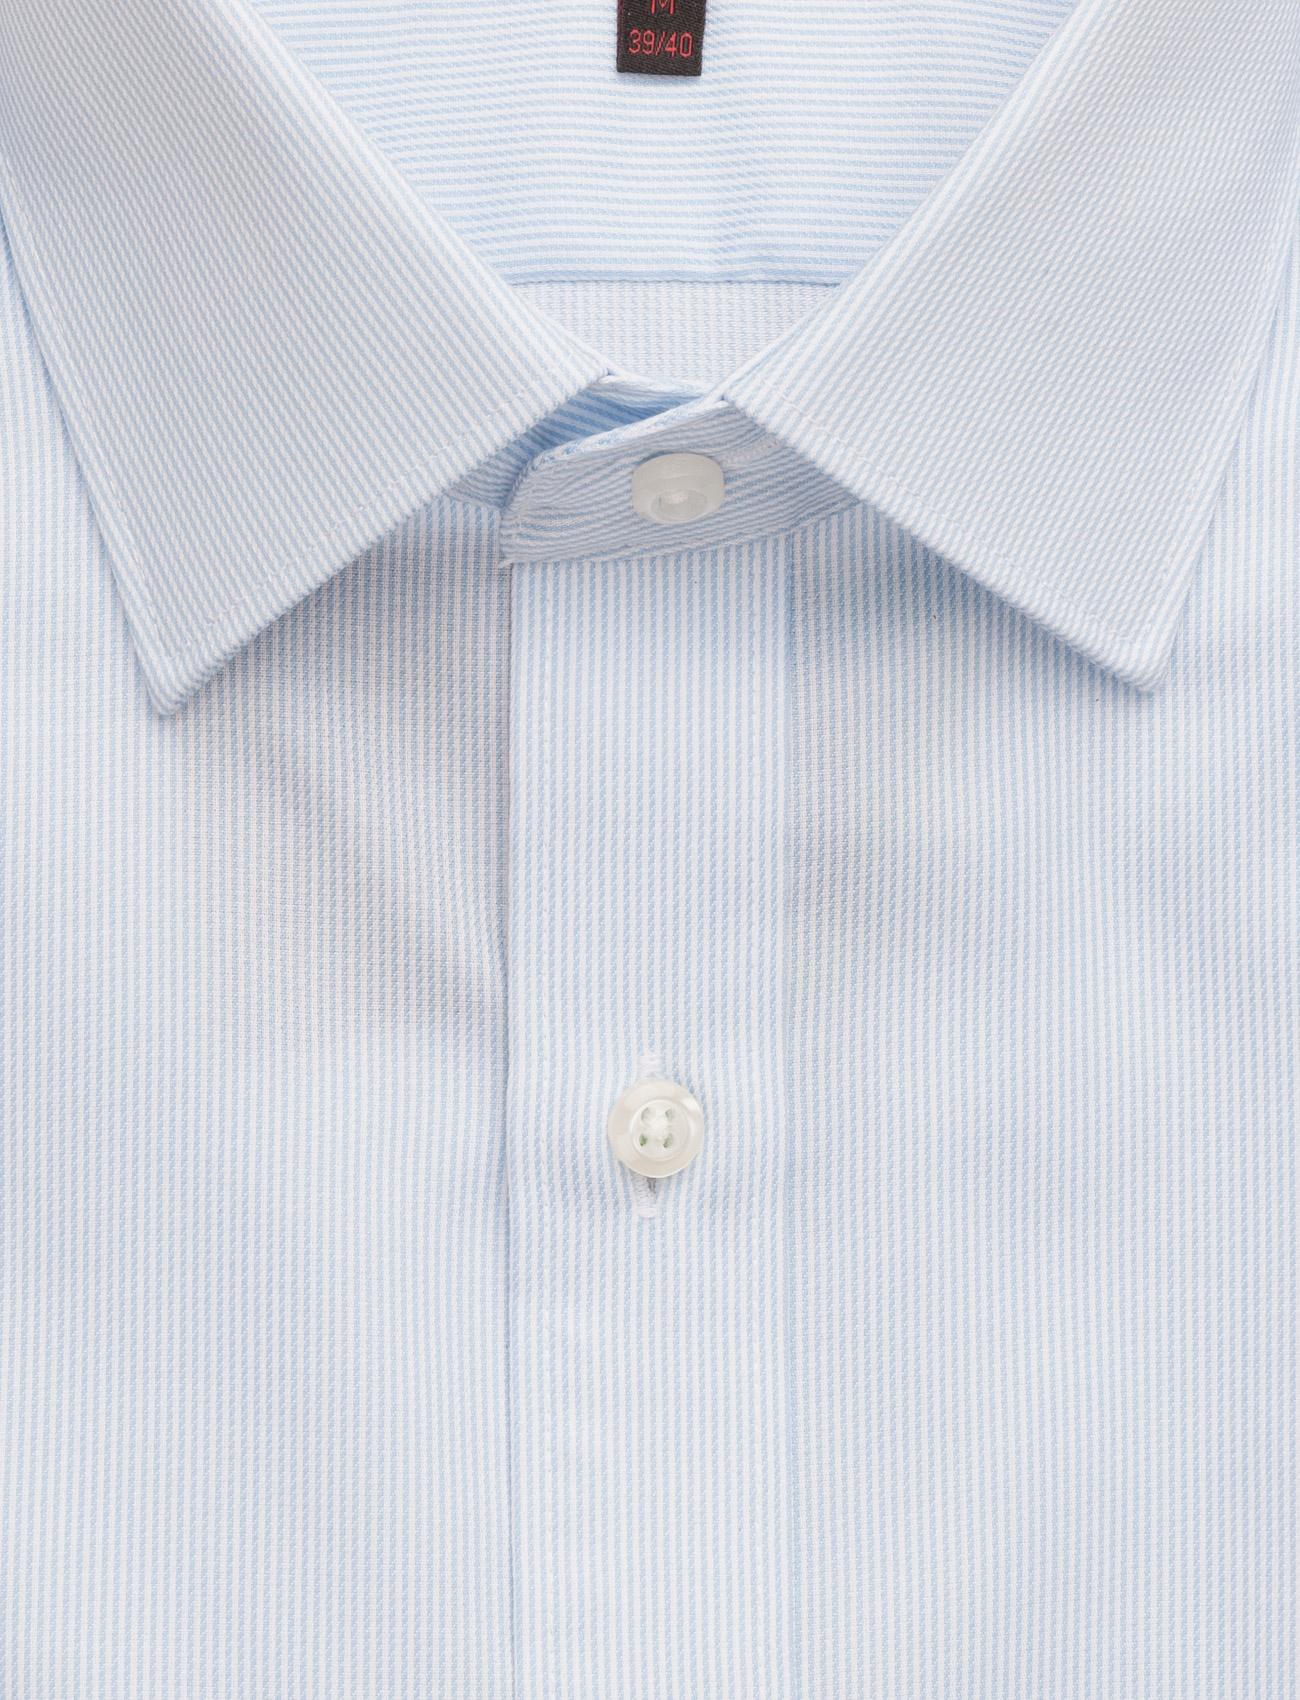 Seven Seas Copenhagen Fine Twill | California - Slim Fit - Skjorter LIGHT BLUE - Menn Klær